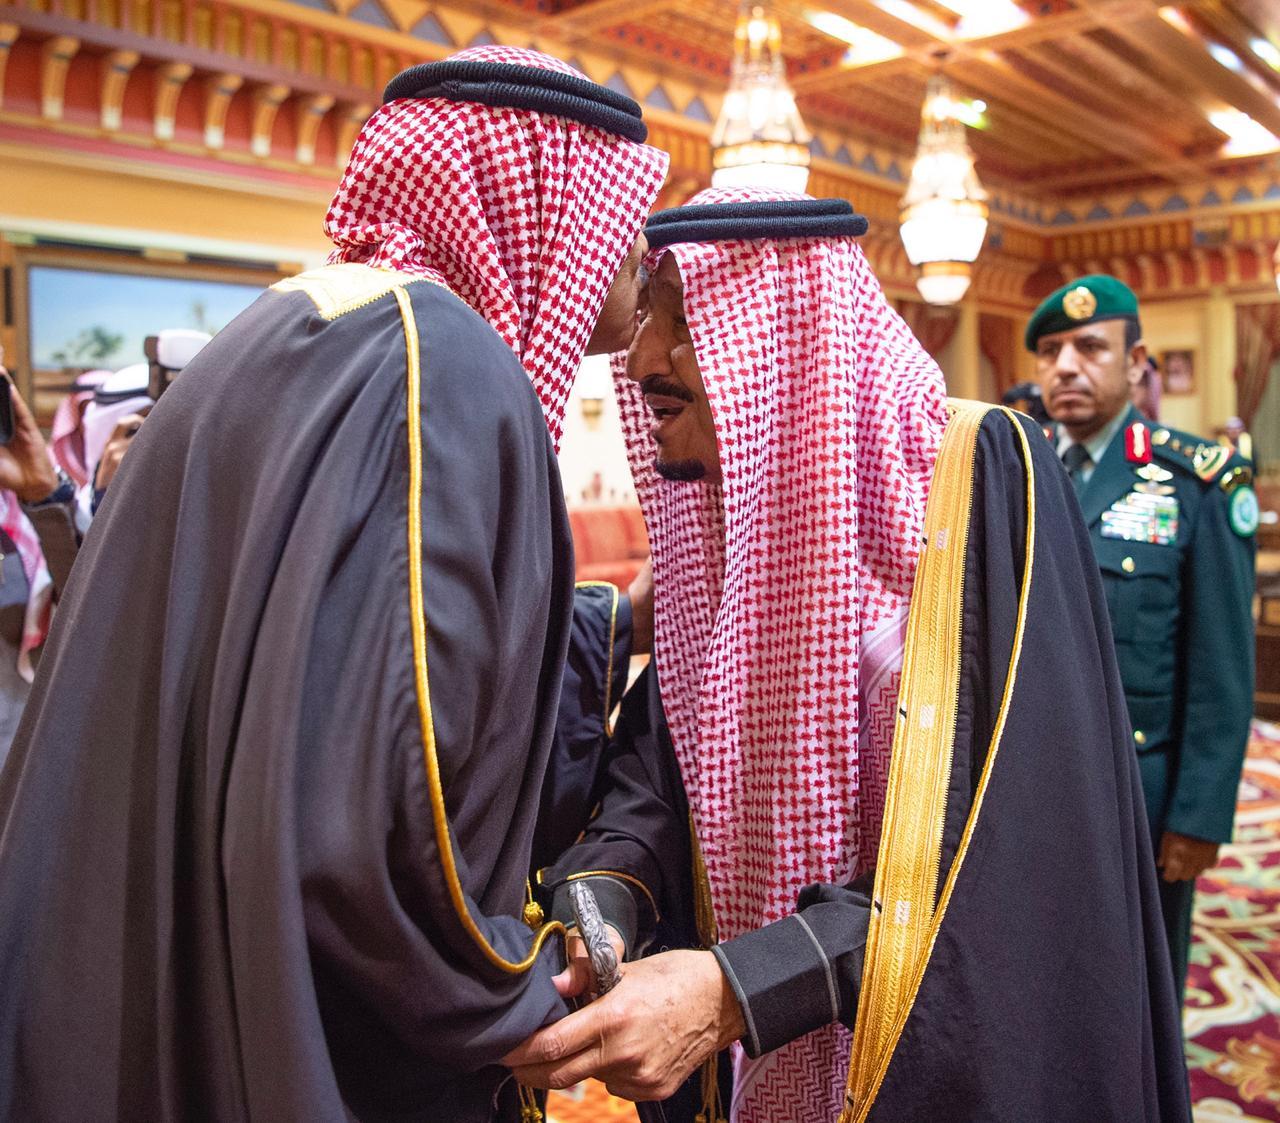 الملك سلمان يستقبل رئيس وزراء الكويت ويقيم مأدبة غداء تكريمًا له2